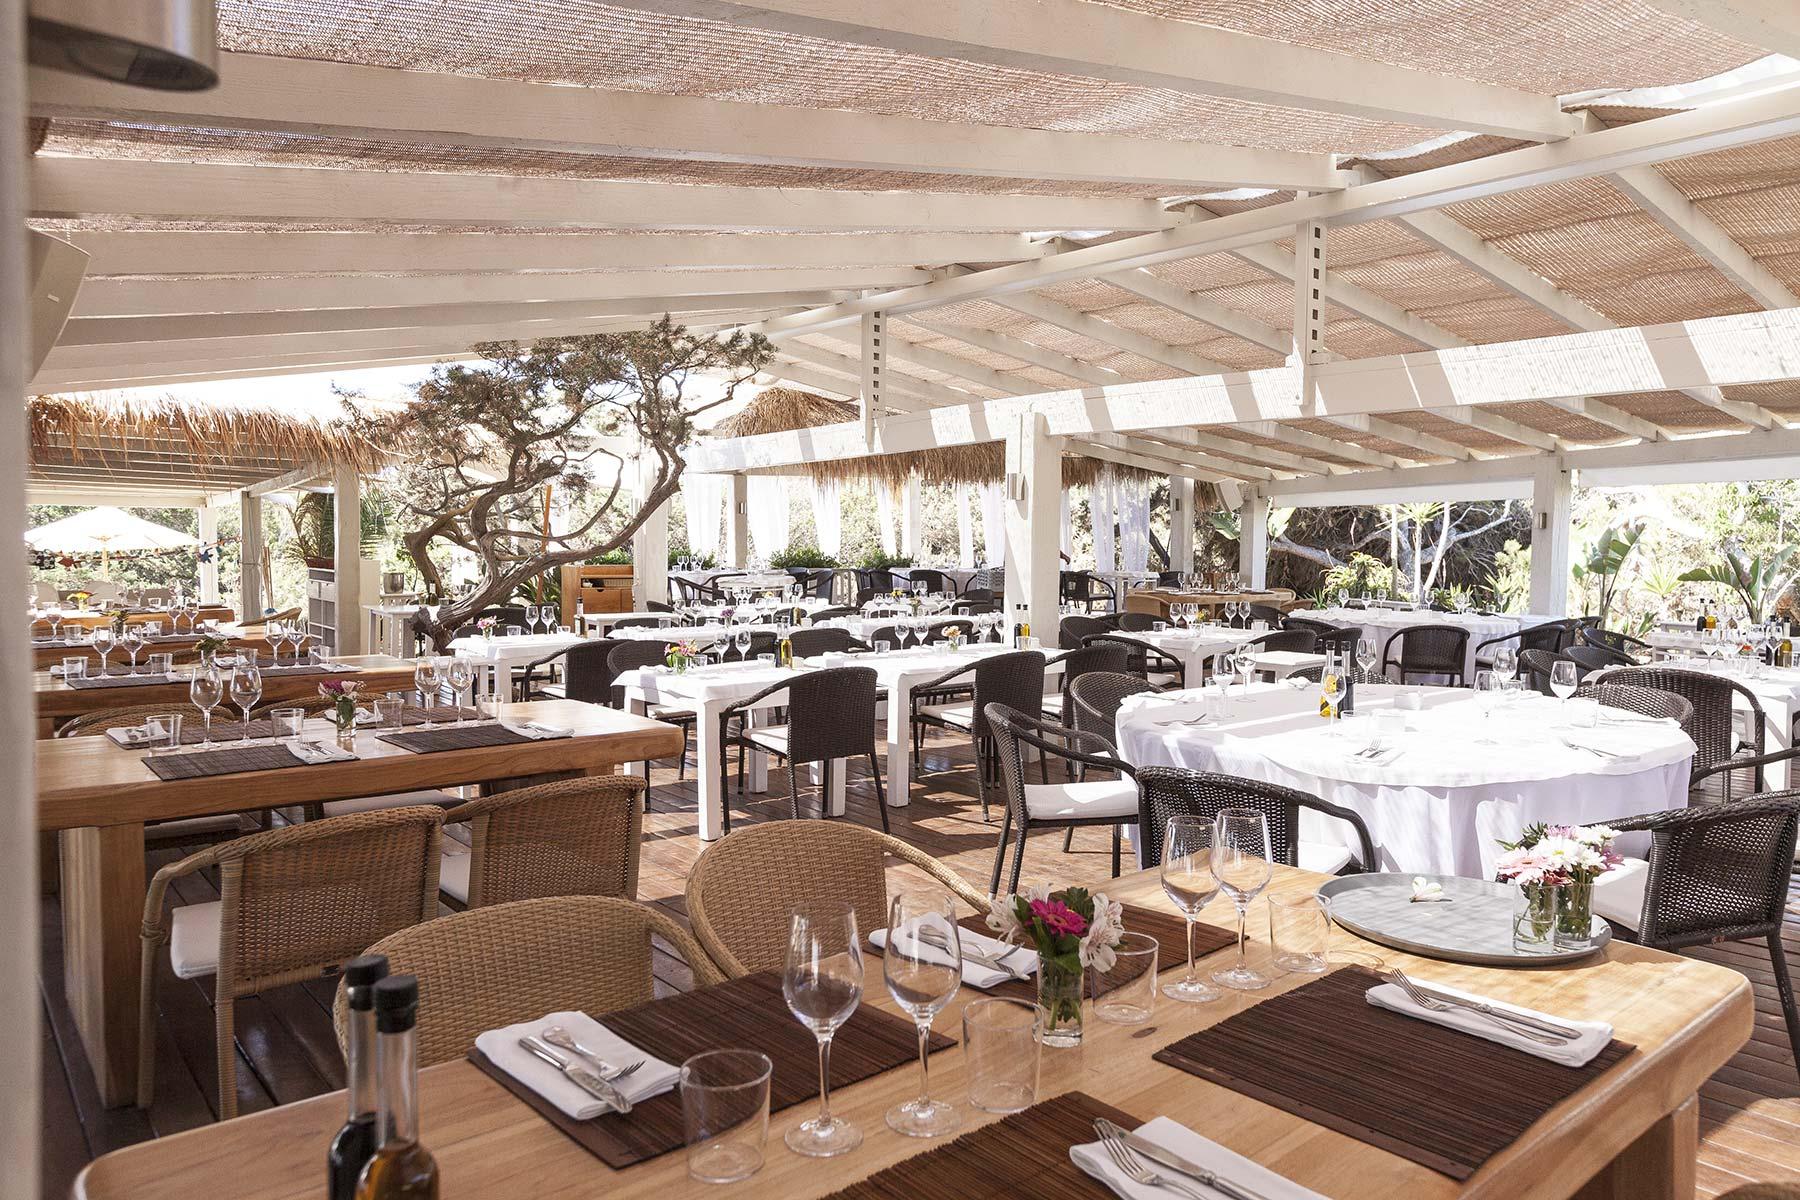 Ibiza Style Interieur : El chiringuito ibiza style